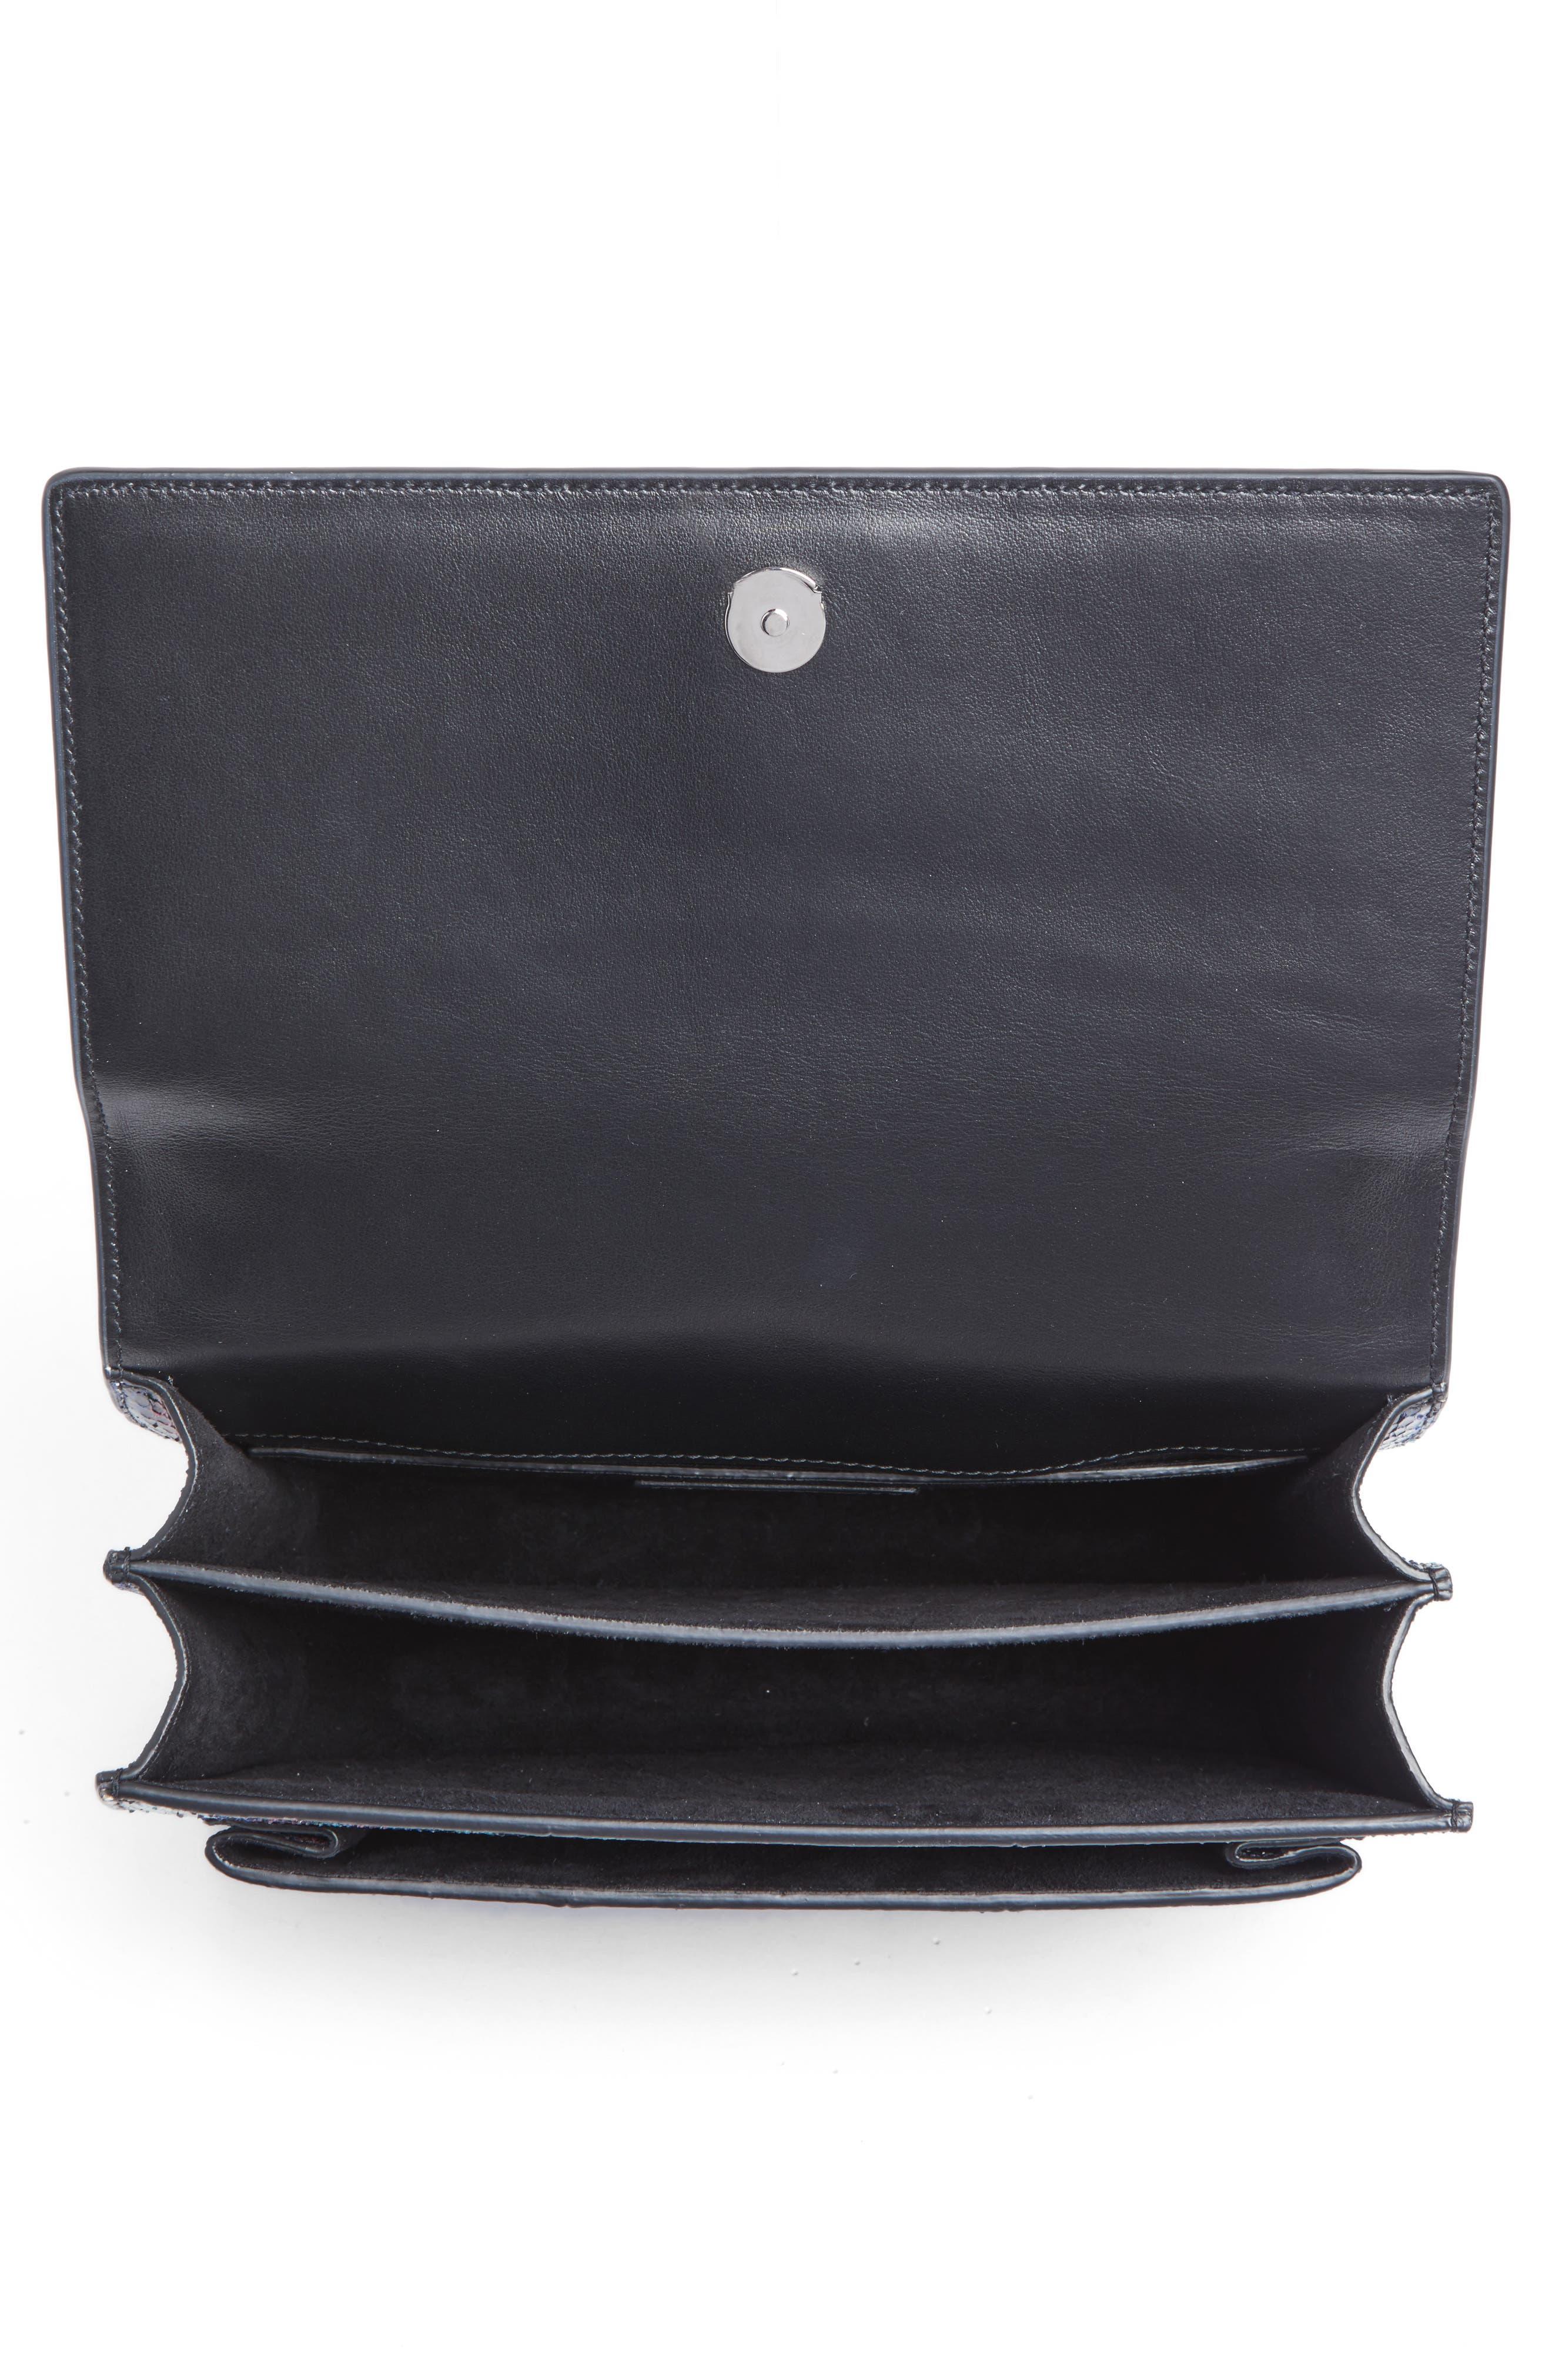 Medium Monogram Sunset Genuine Snakeskin Crossbody Bag,                             Alternate thumbnail 4, color,                             Black Multi